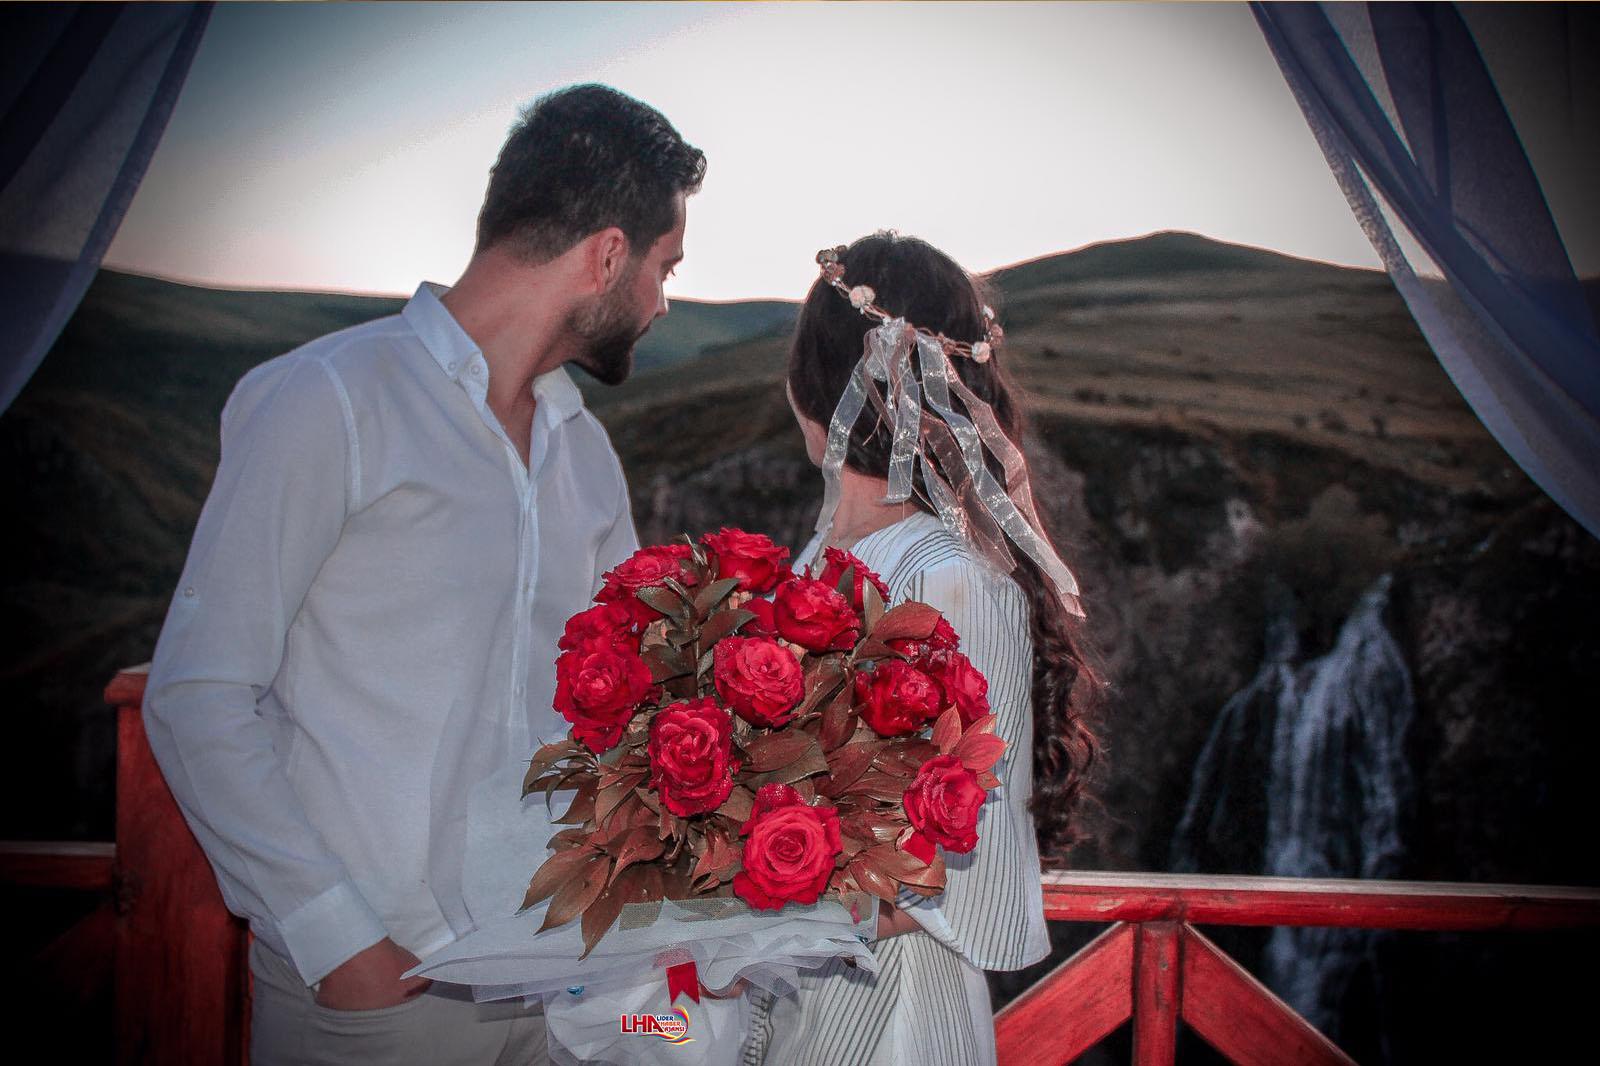 evlenme-teklifi-kars--2.jpg